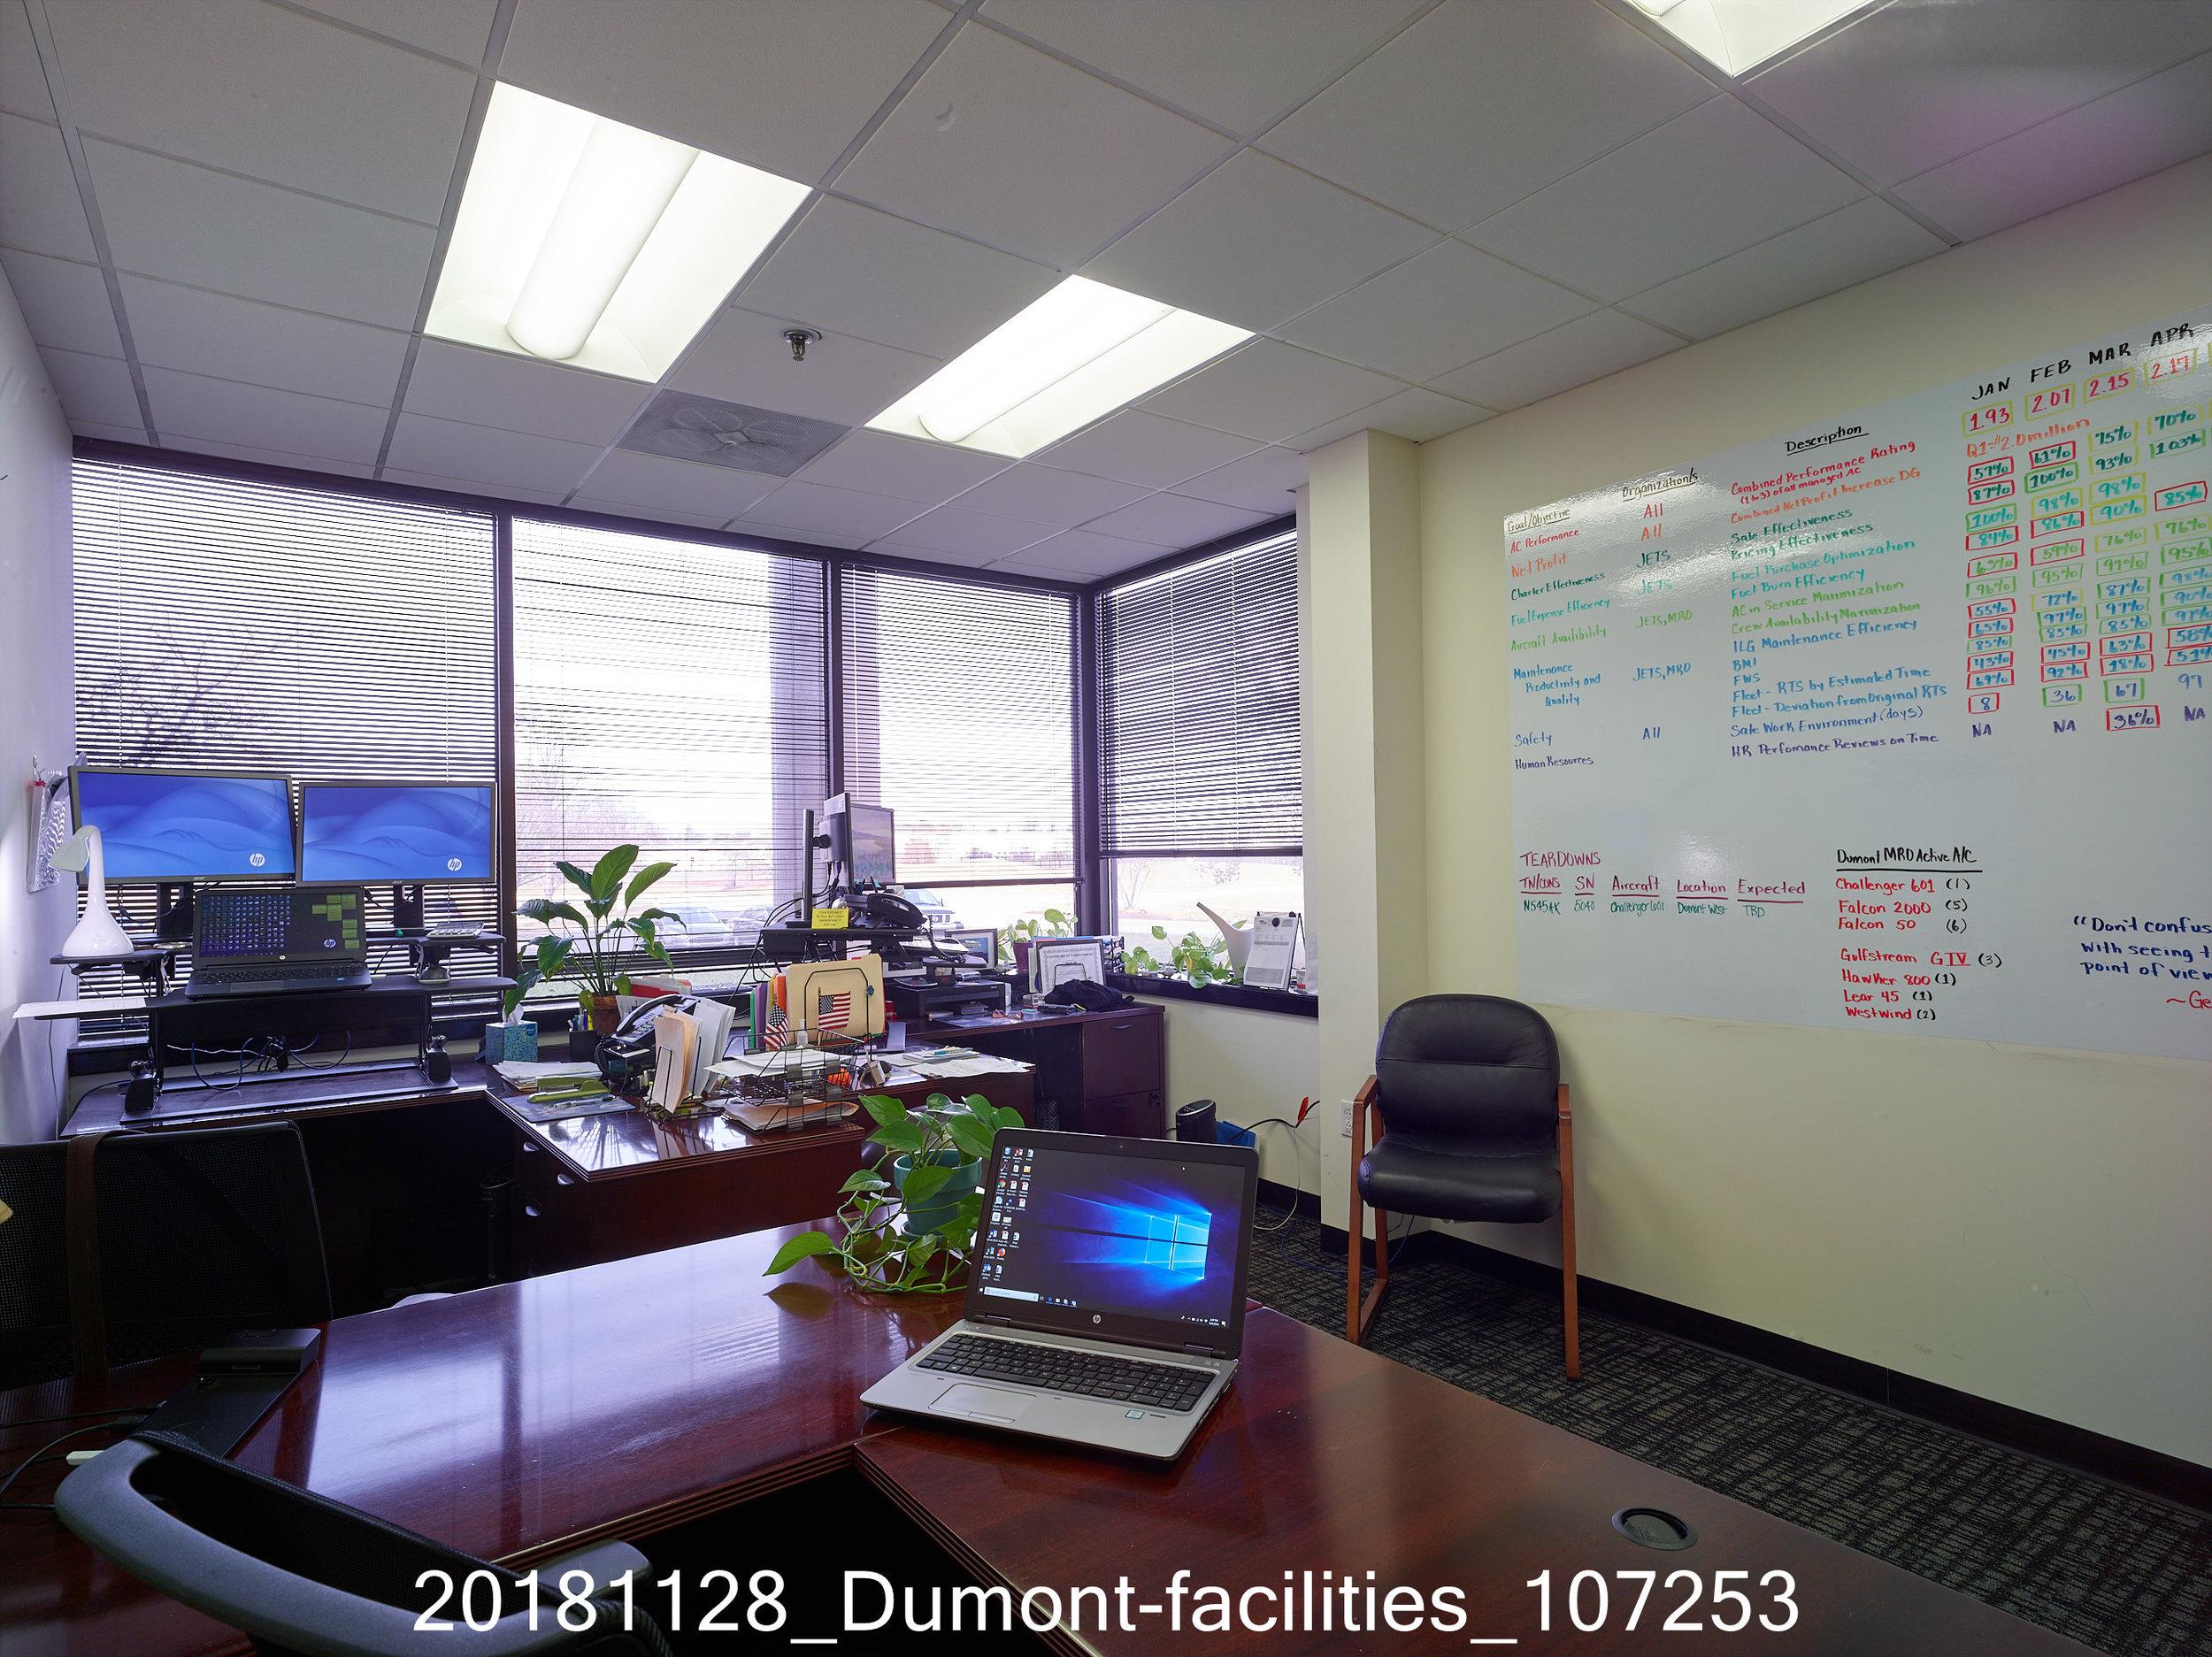 20181128_Dumont-facilities_107253.jpg